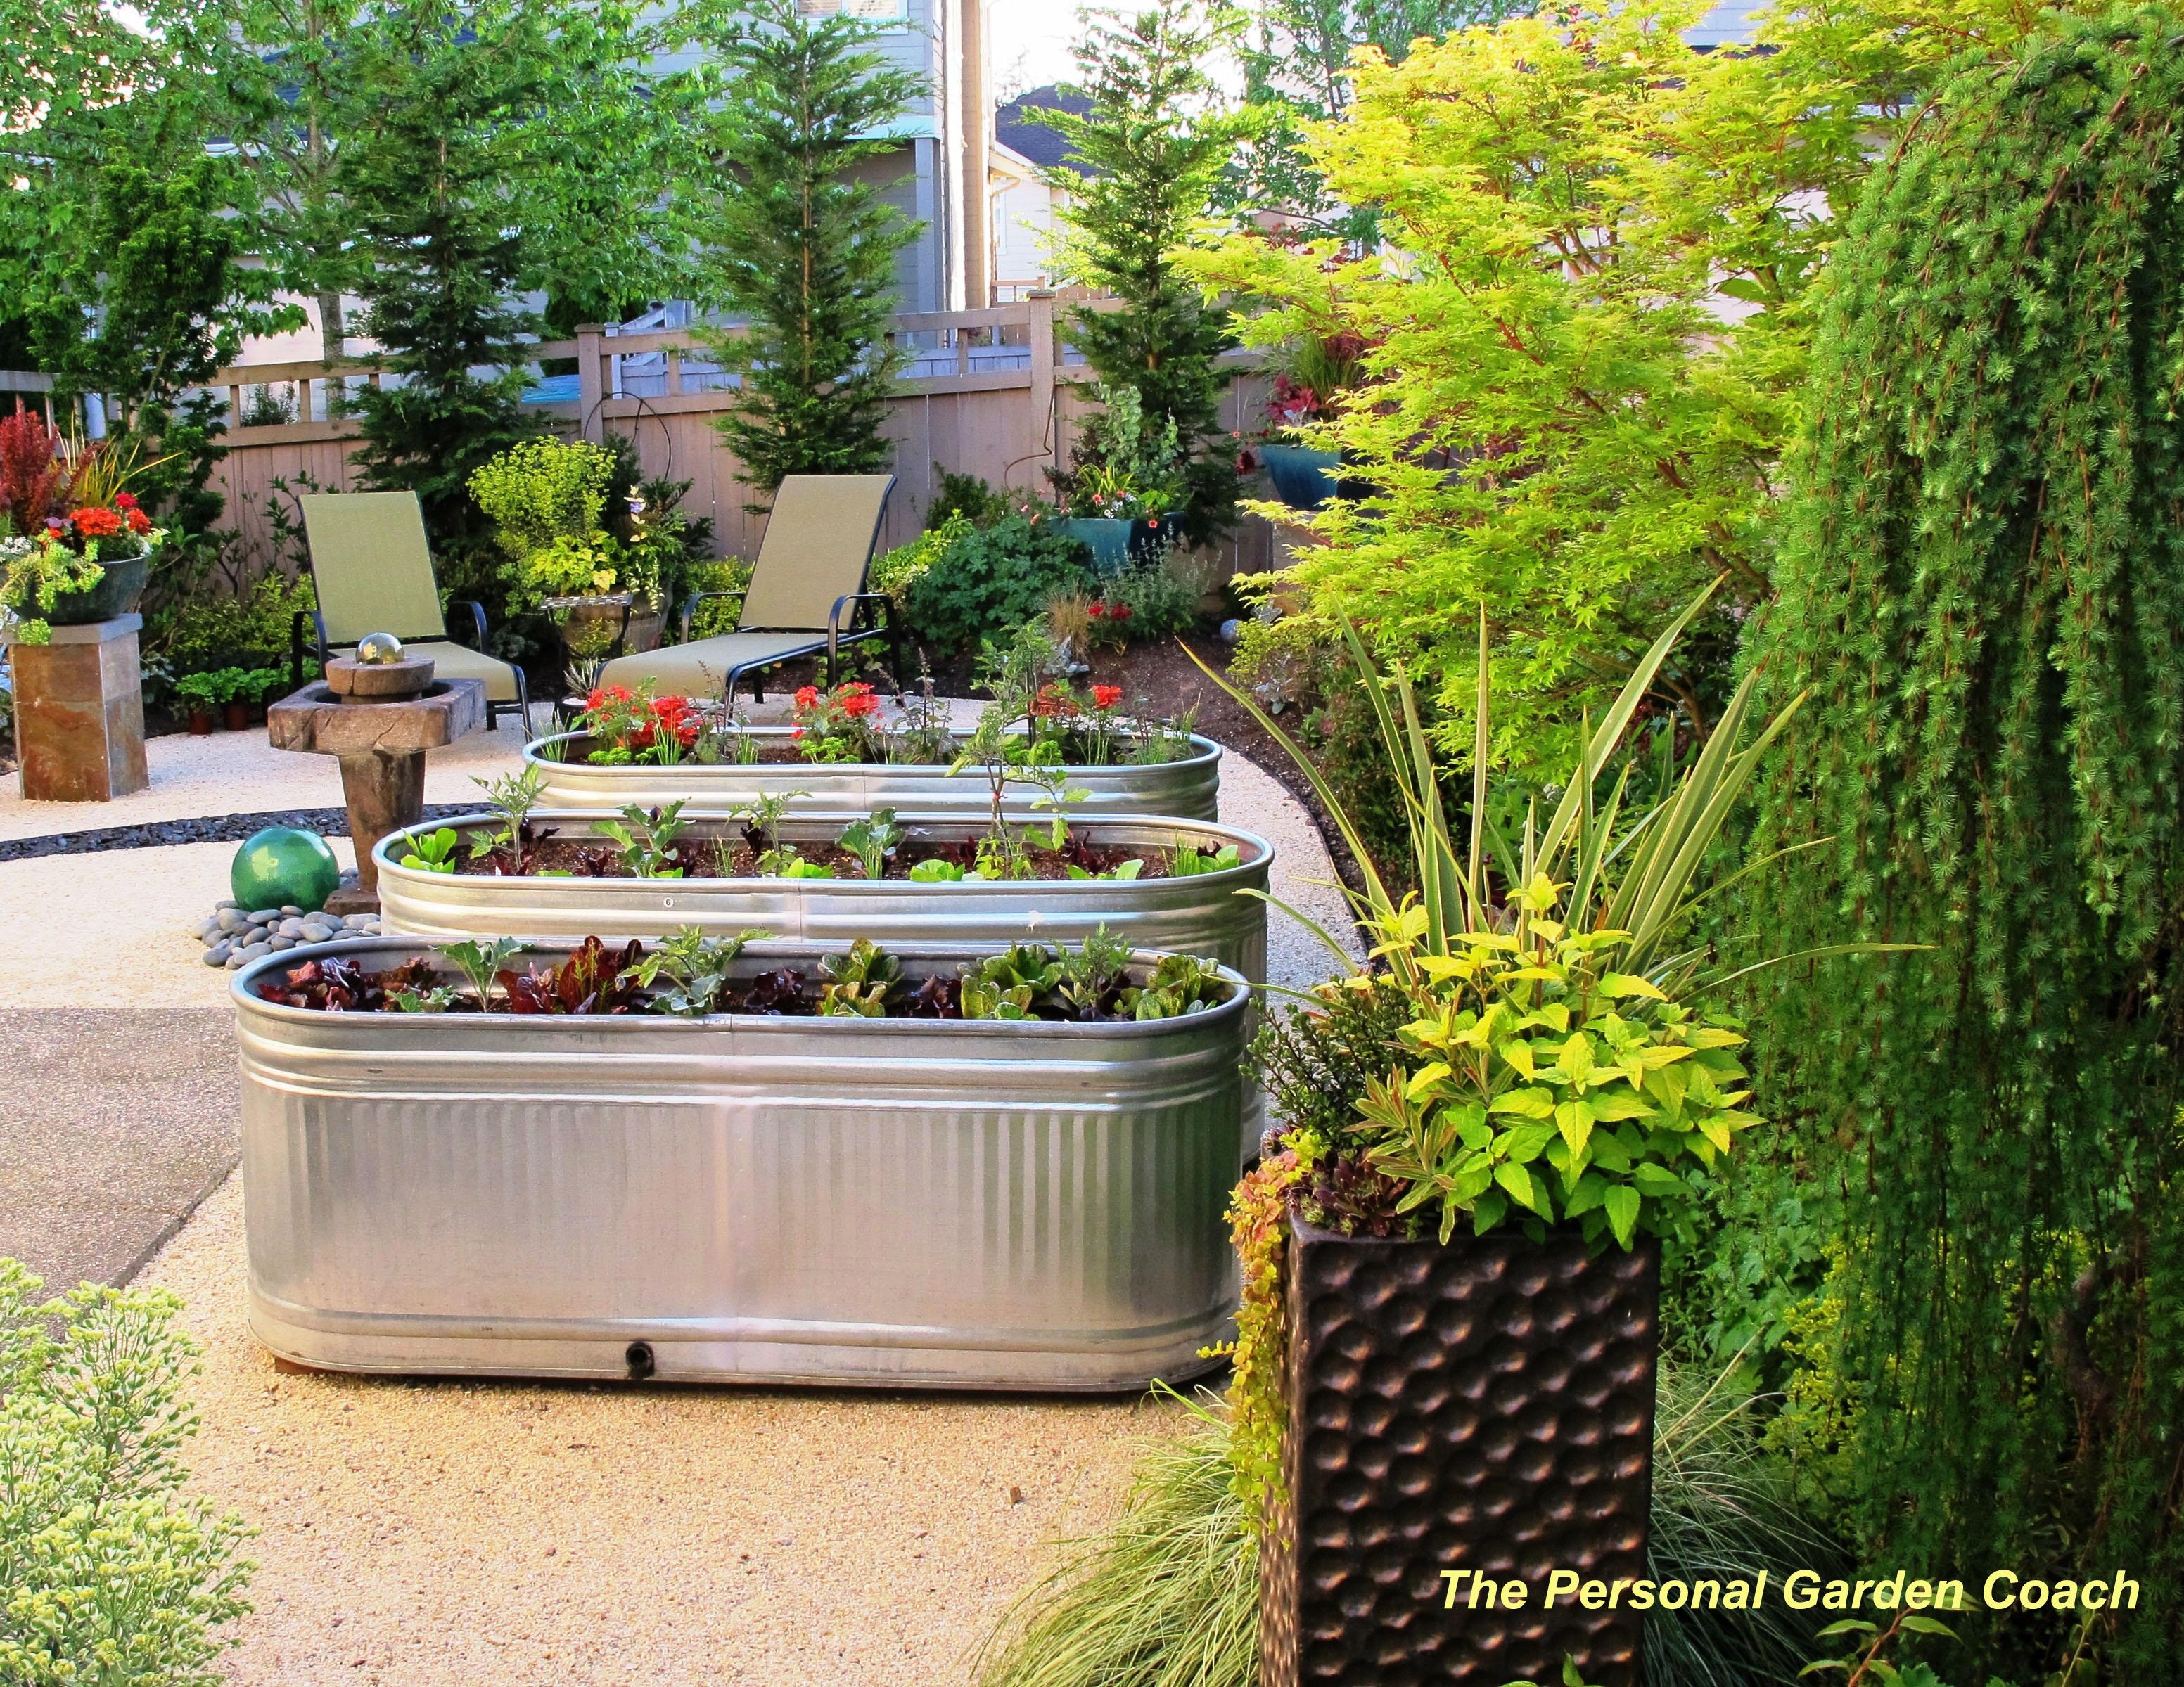 Awesome Garden Landscaping Ideas For Small Gardens: THE Personal Garden Coach